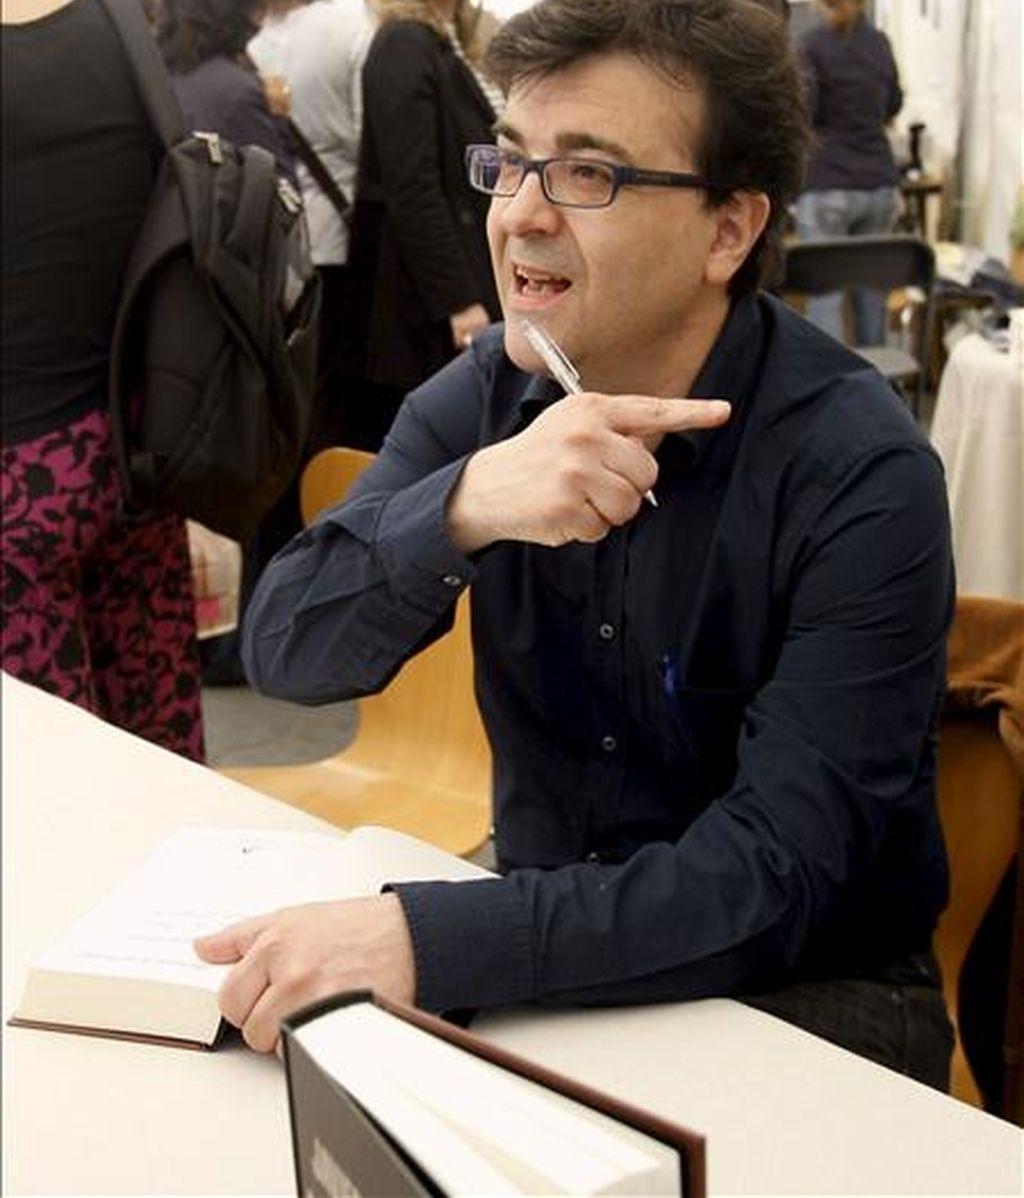 El escritor Javier Cercas durante la firma de libros que ha tenido lugar hoy en Barcelona con motivo de la celebración de la Diada de Sant Jordi. EFE